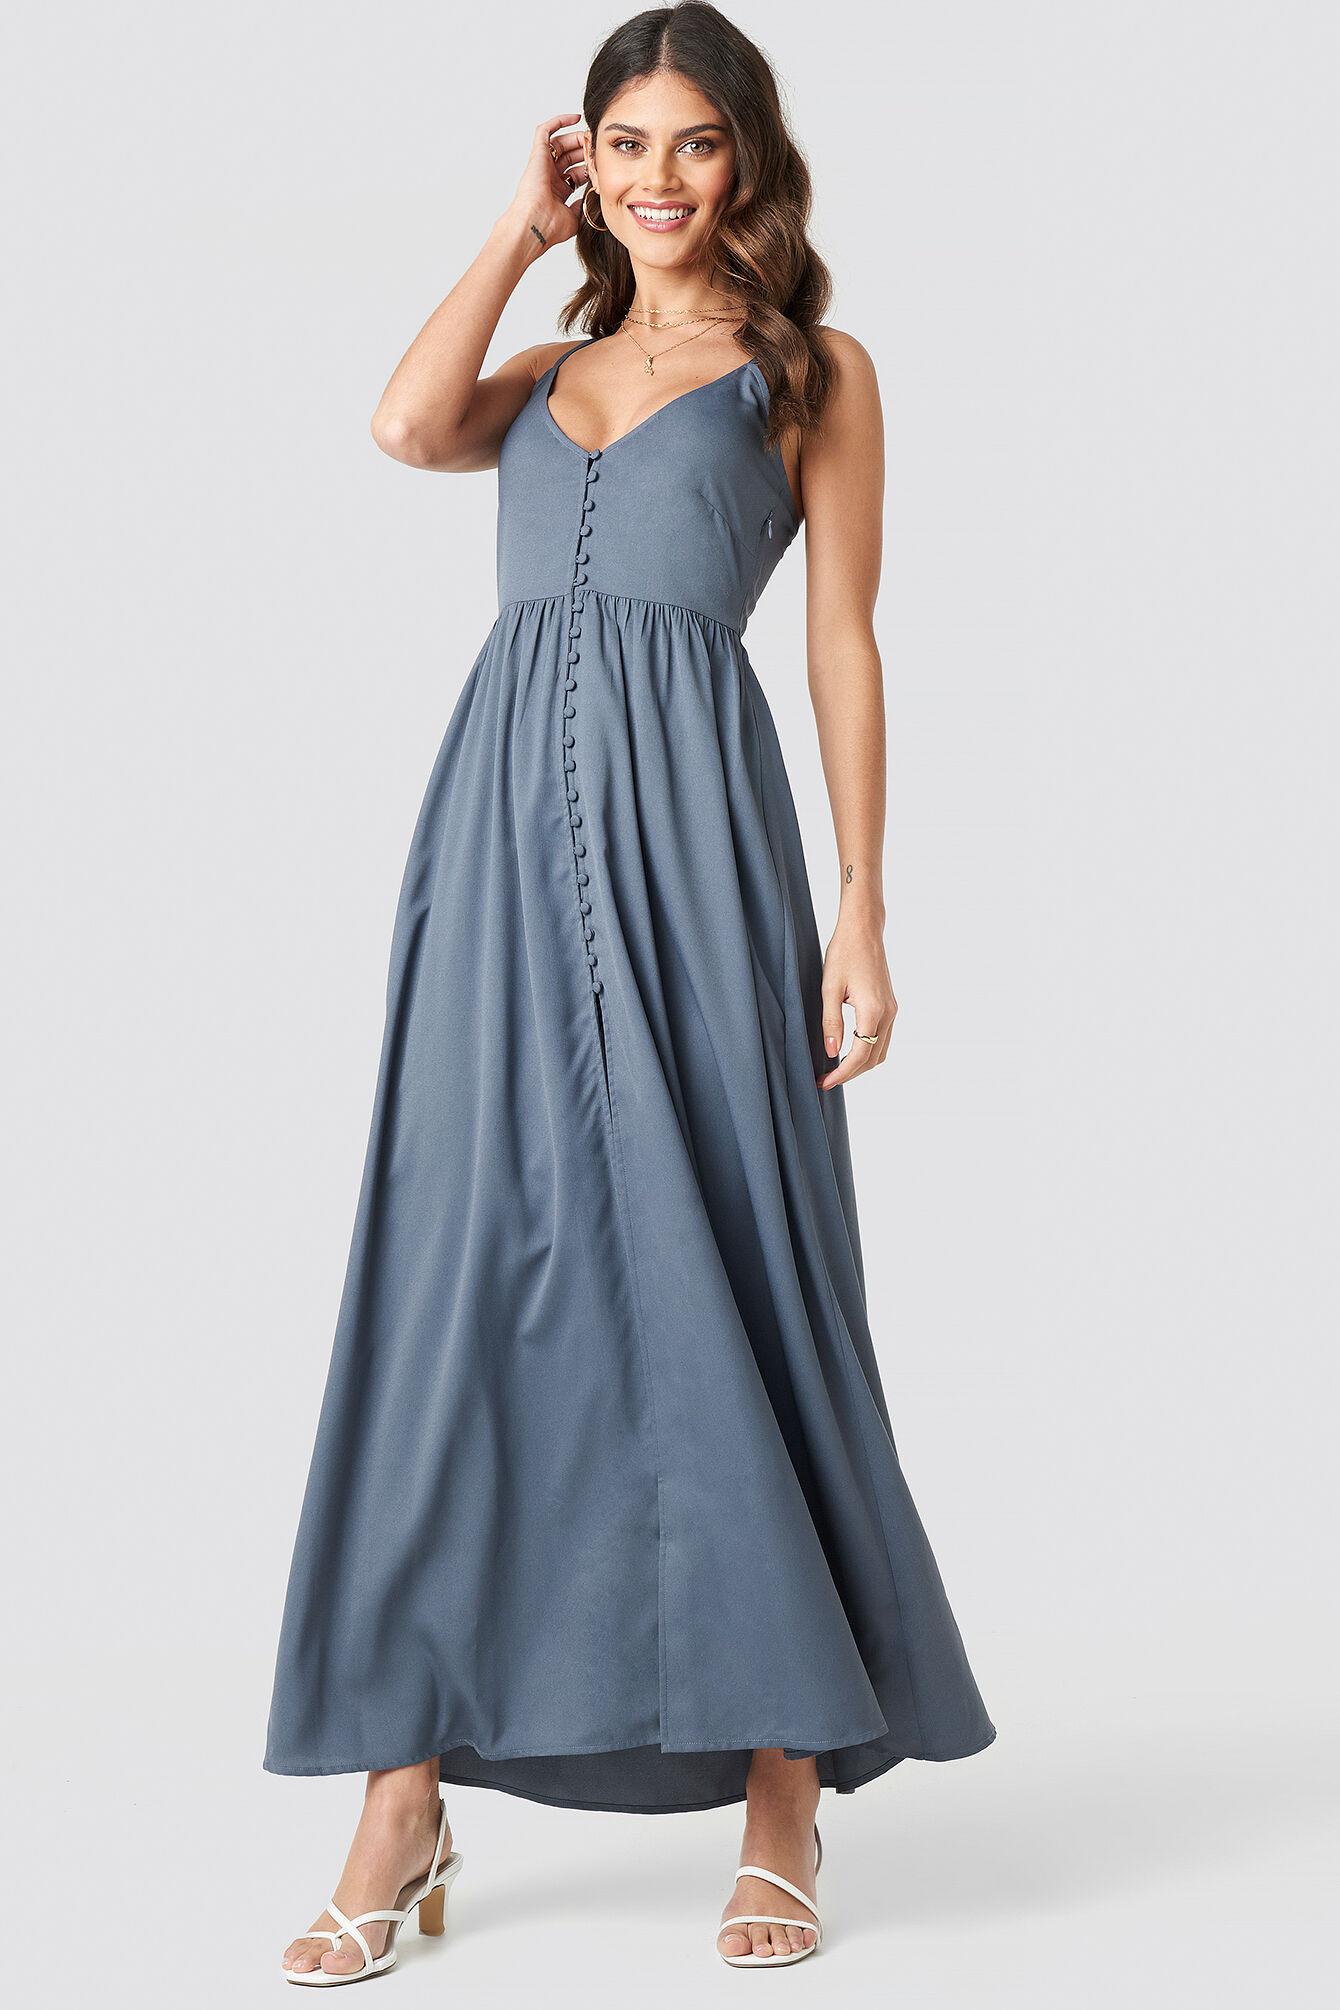 NA-KD Party Button Up V-Neck Dress - Grey